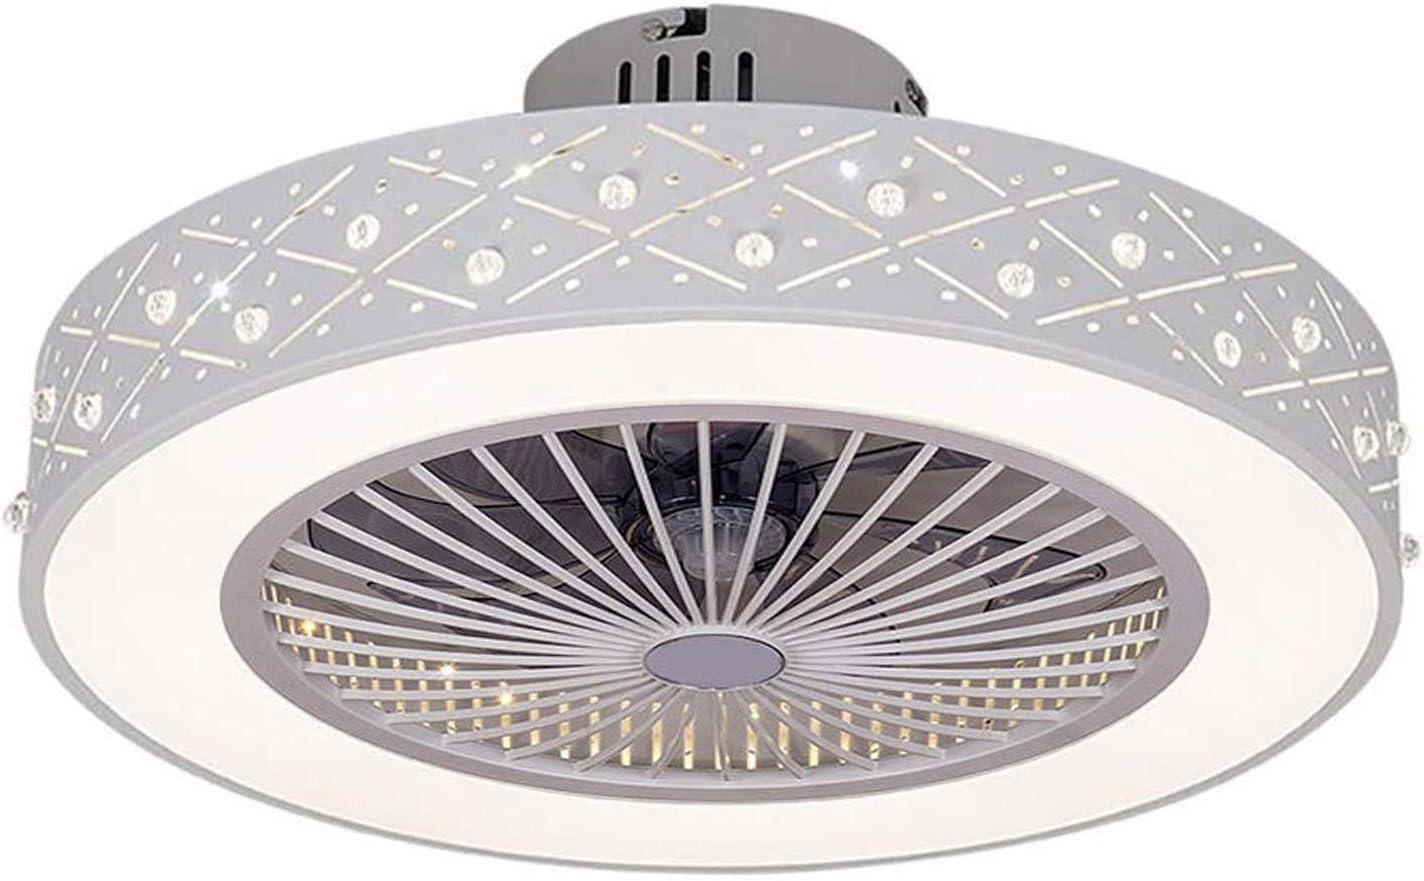 QZFH Invisible Ceiling Fan